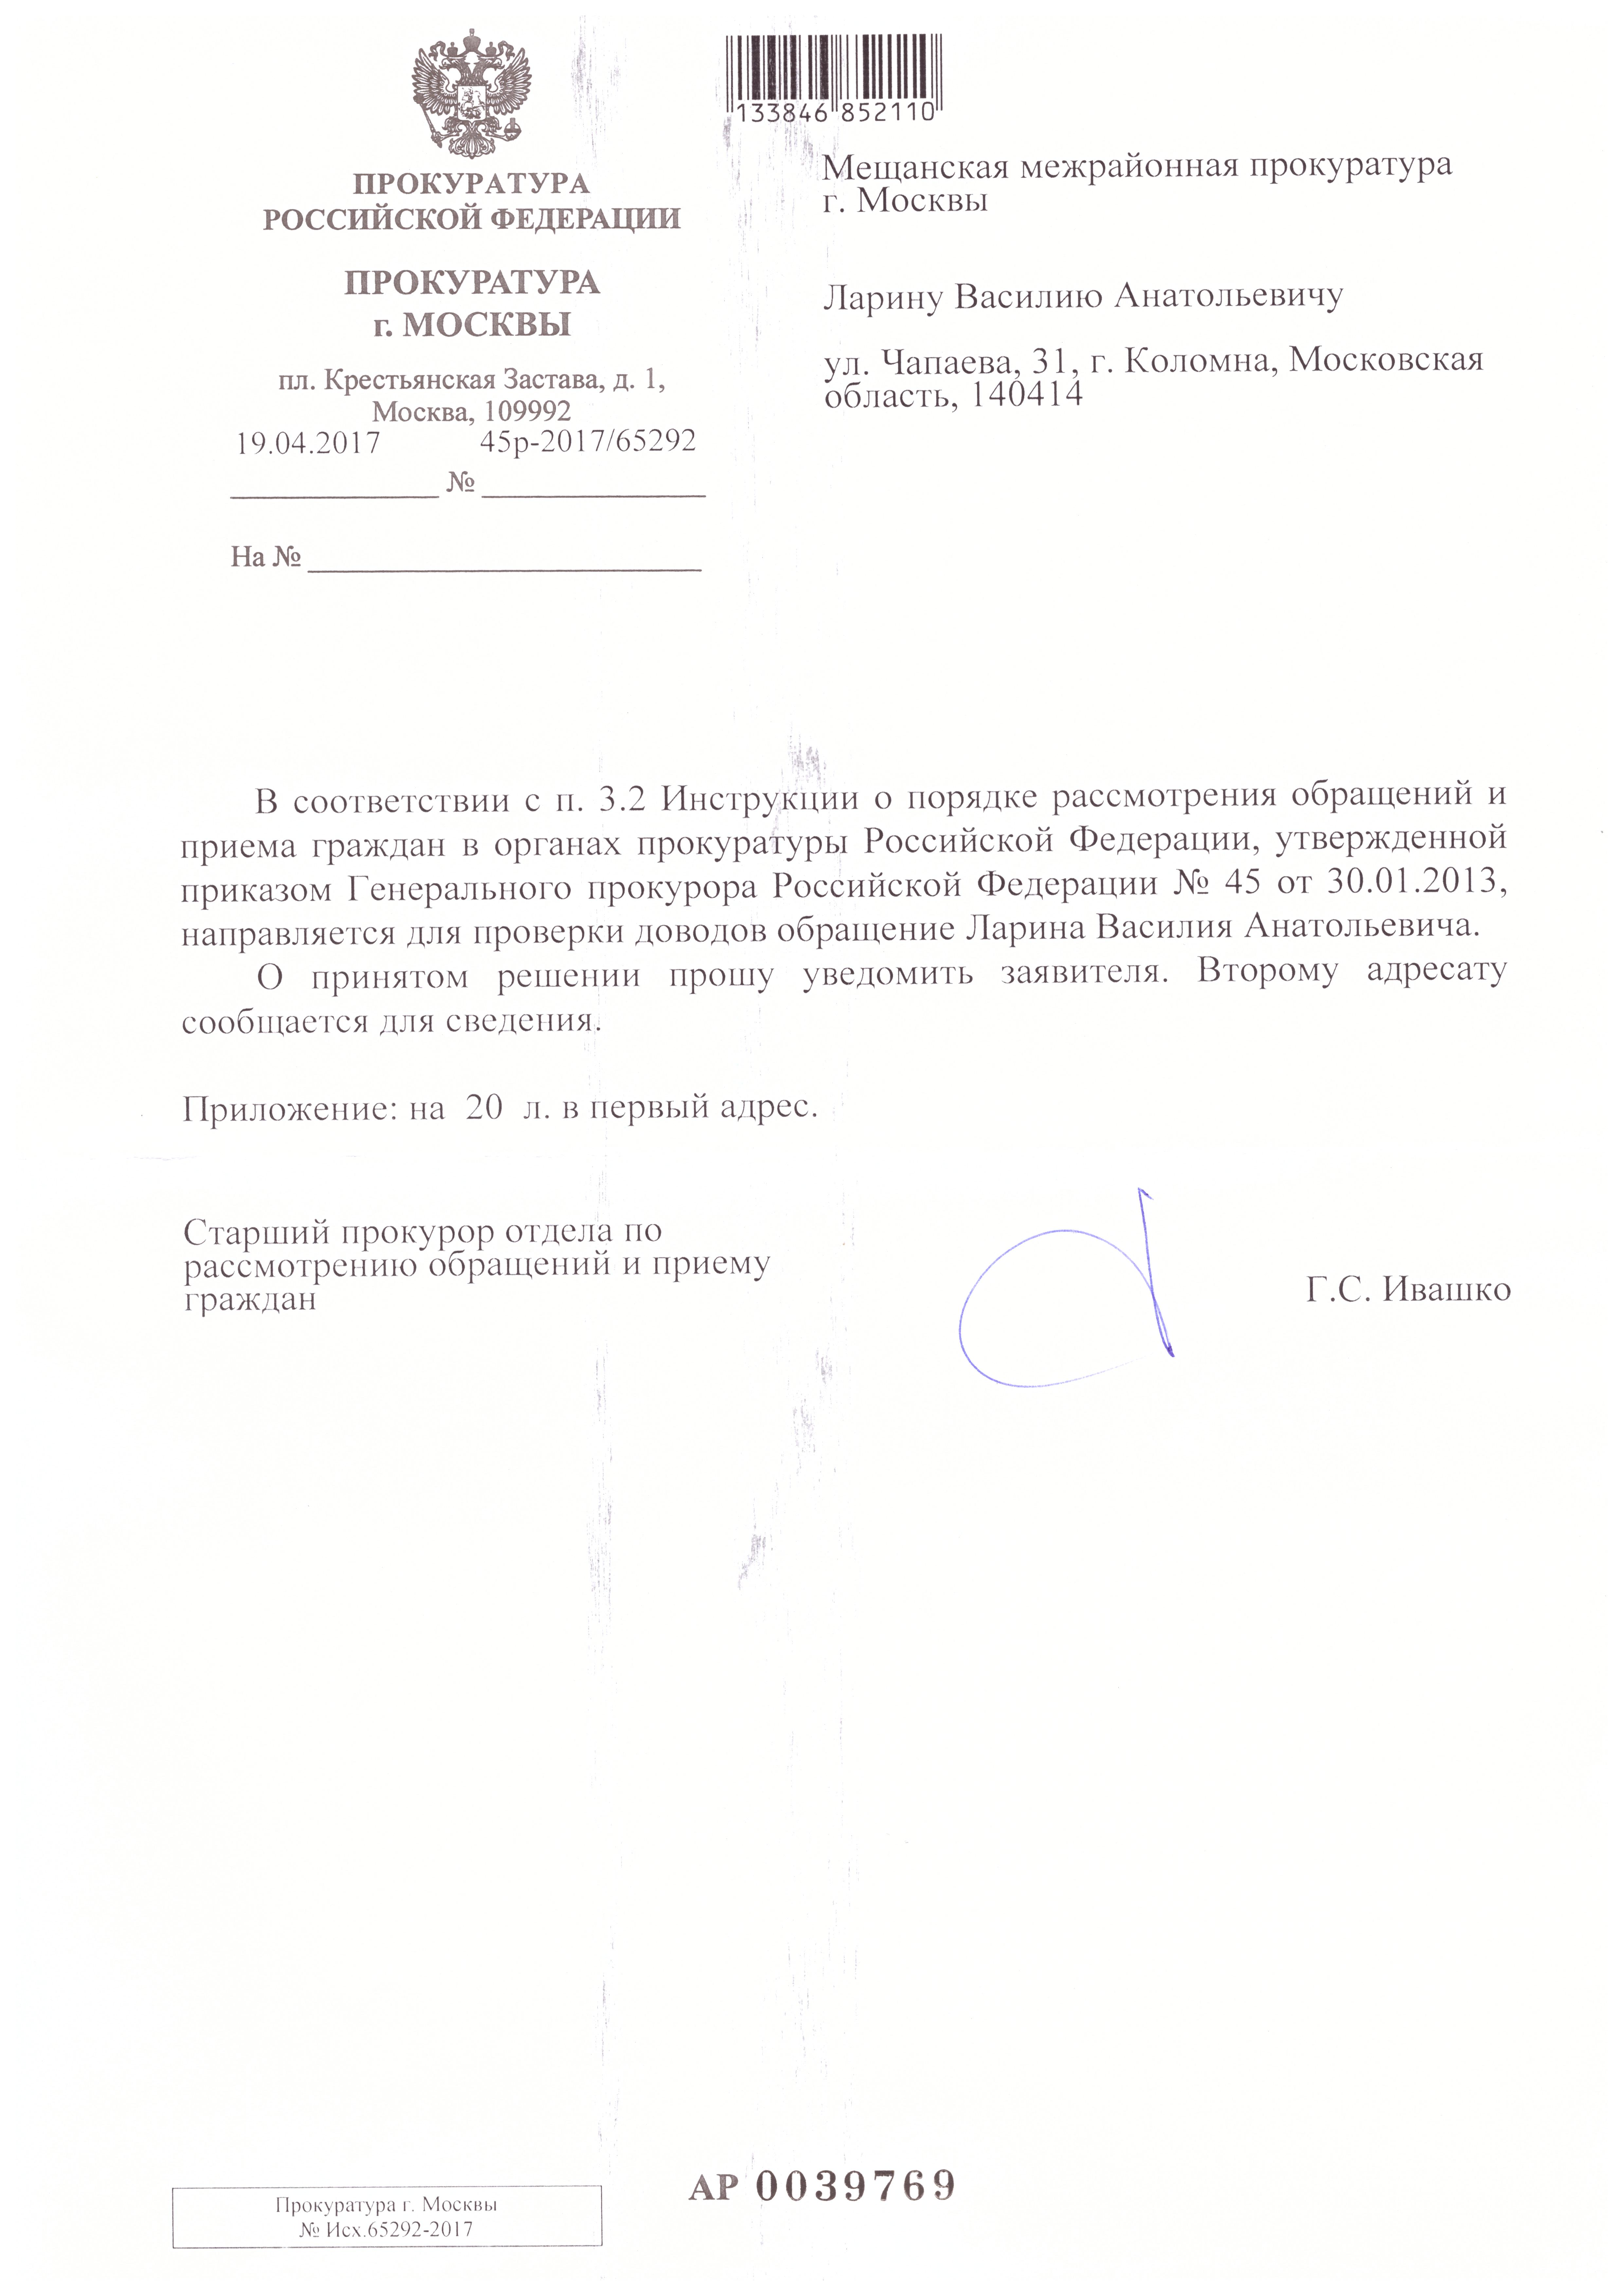 Порядок оплаты больничных листов в Москве Мещанский